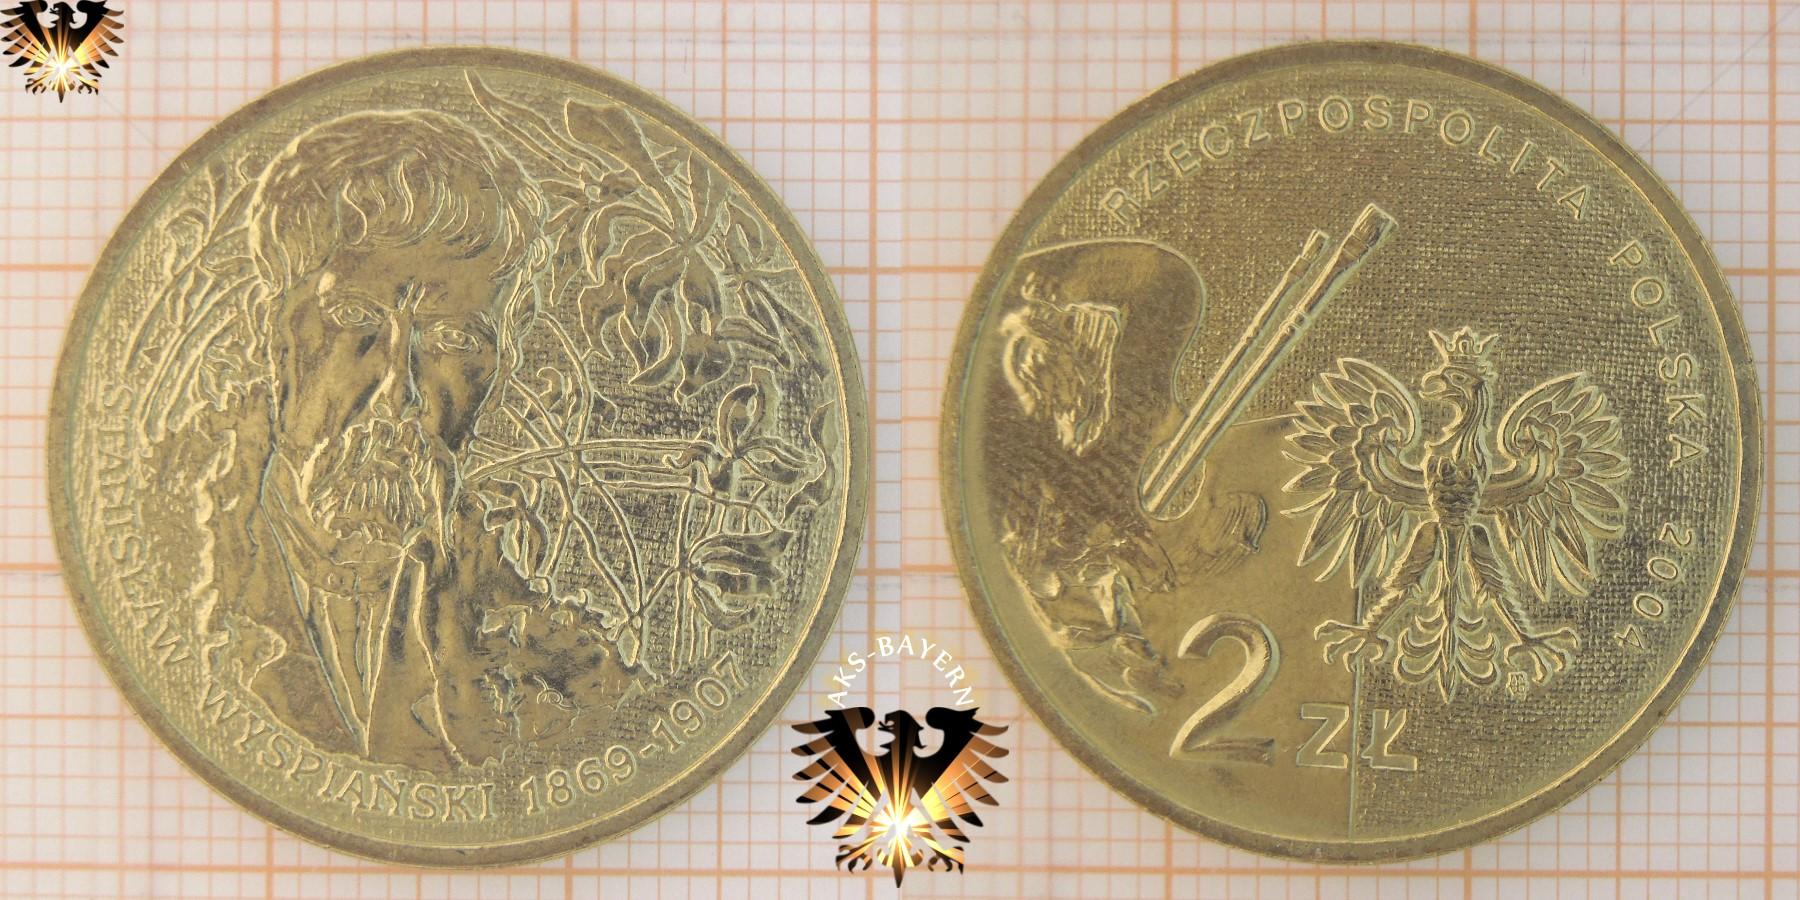 Münze 2 Złote Polen 2004 Stanislaw Wyspianski 1869 1907